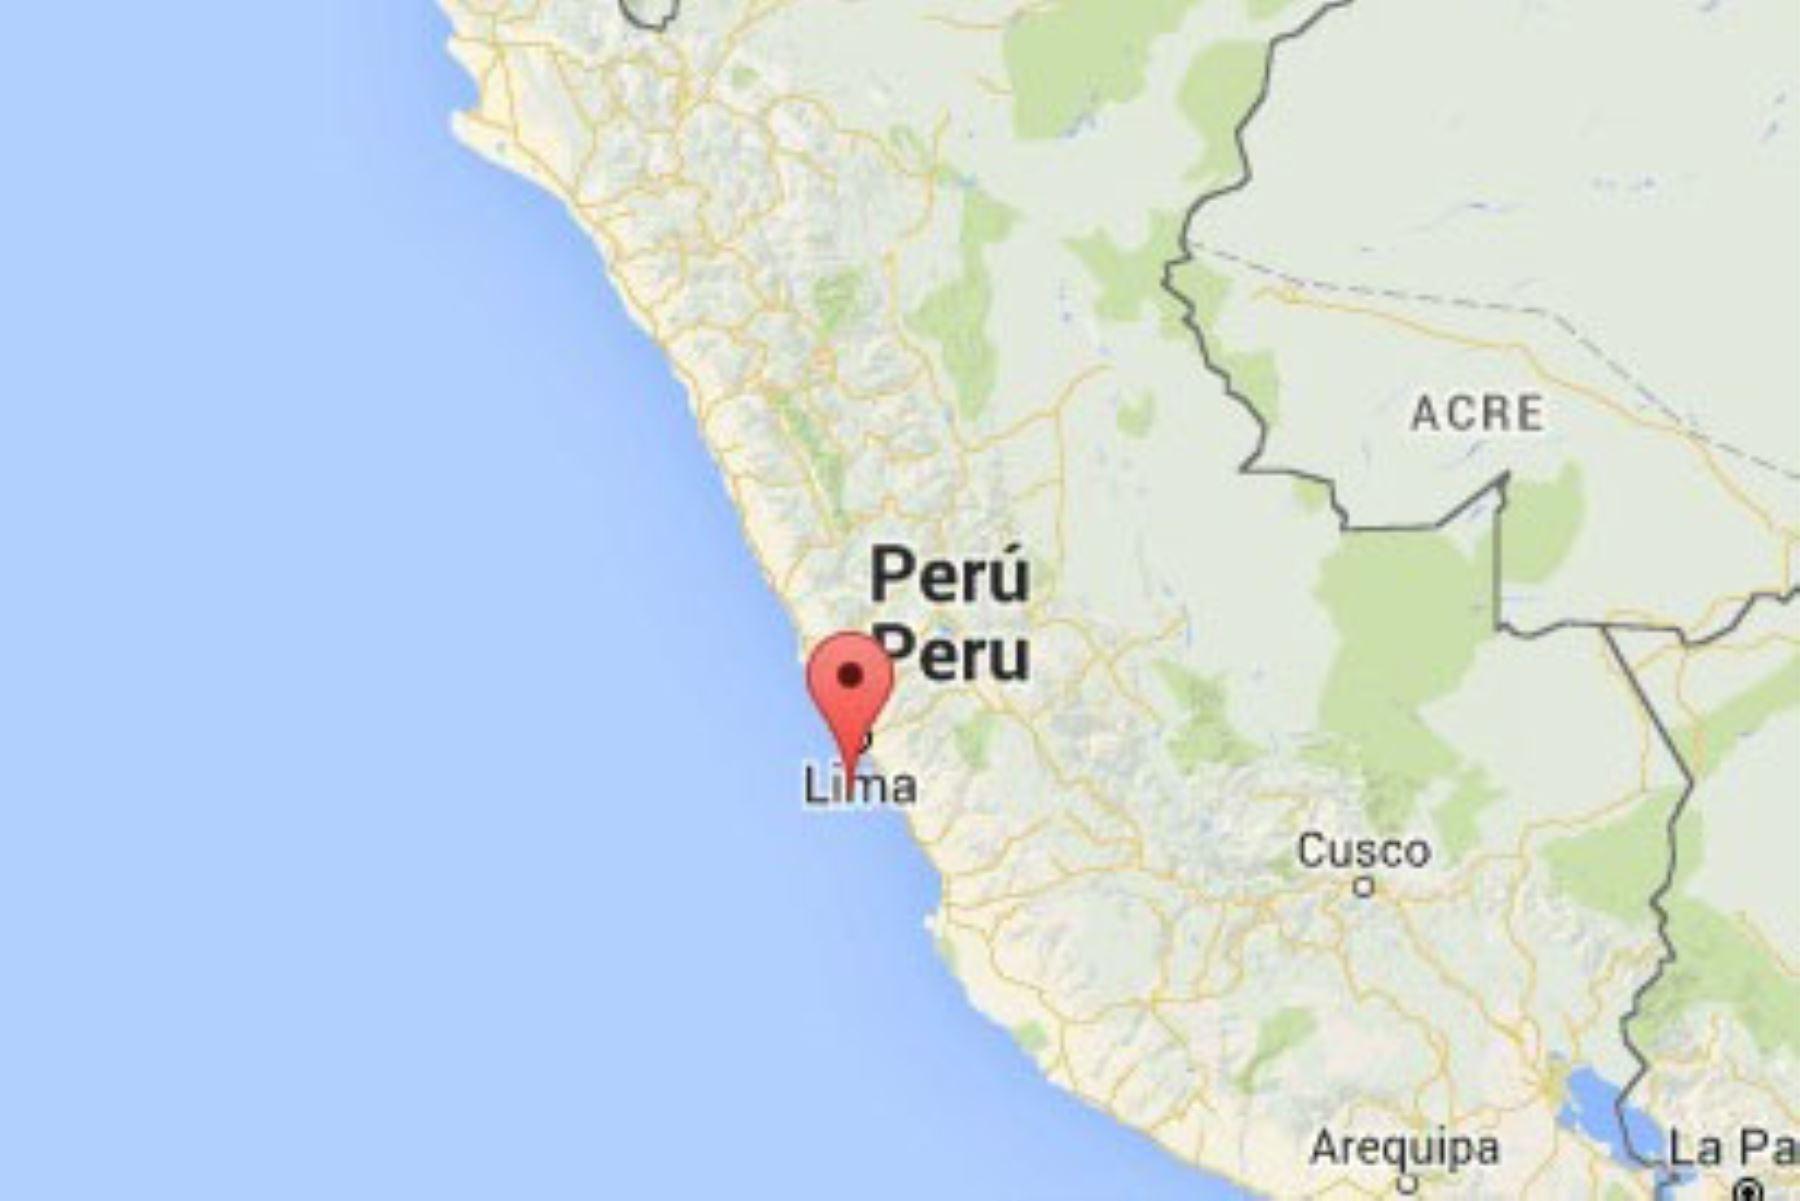 Nuevo temblor de magnitud 4.8 se registró esta mañana en Cañete y se sintió en Lima